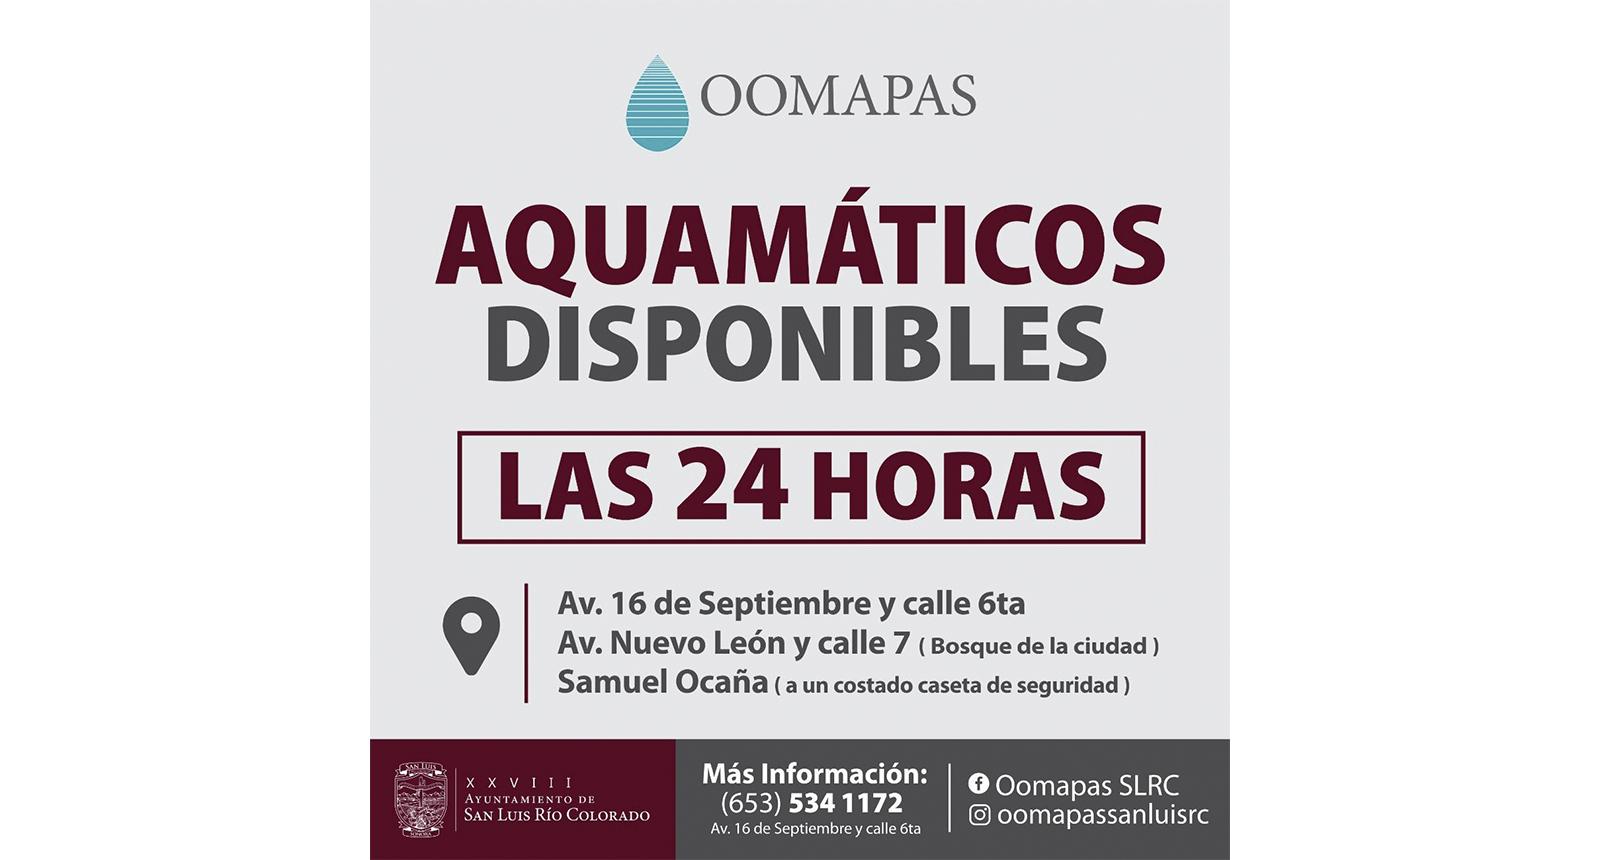 Aquamaticos Disponibles